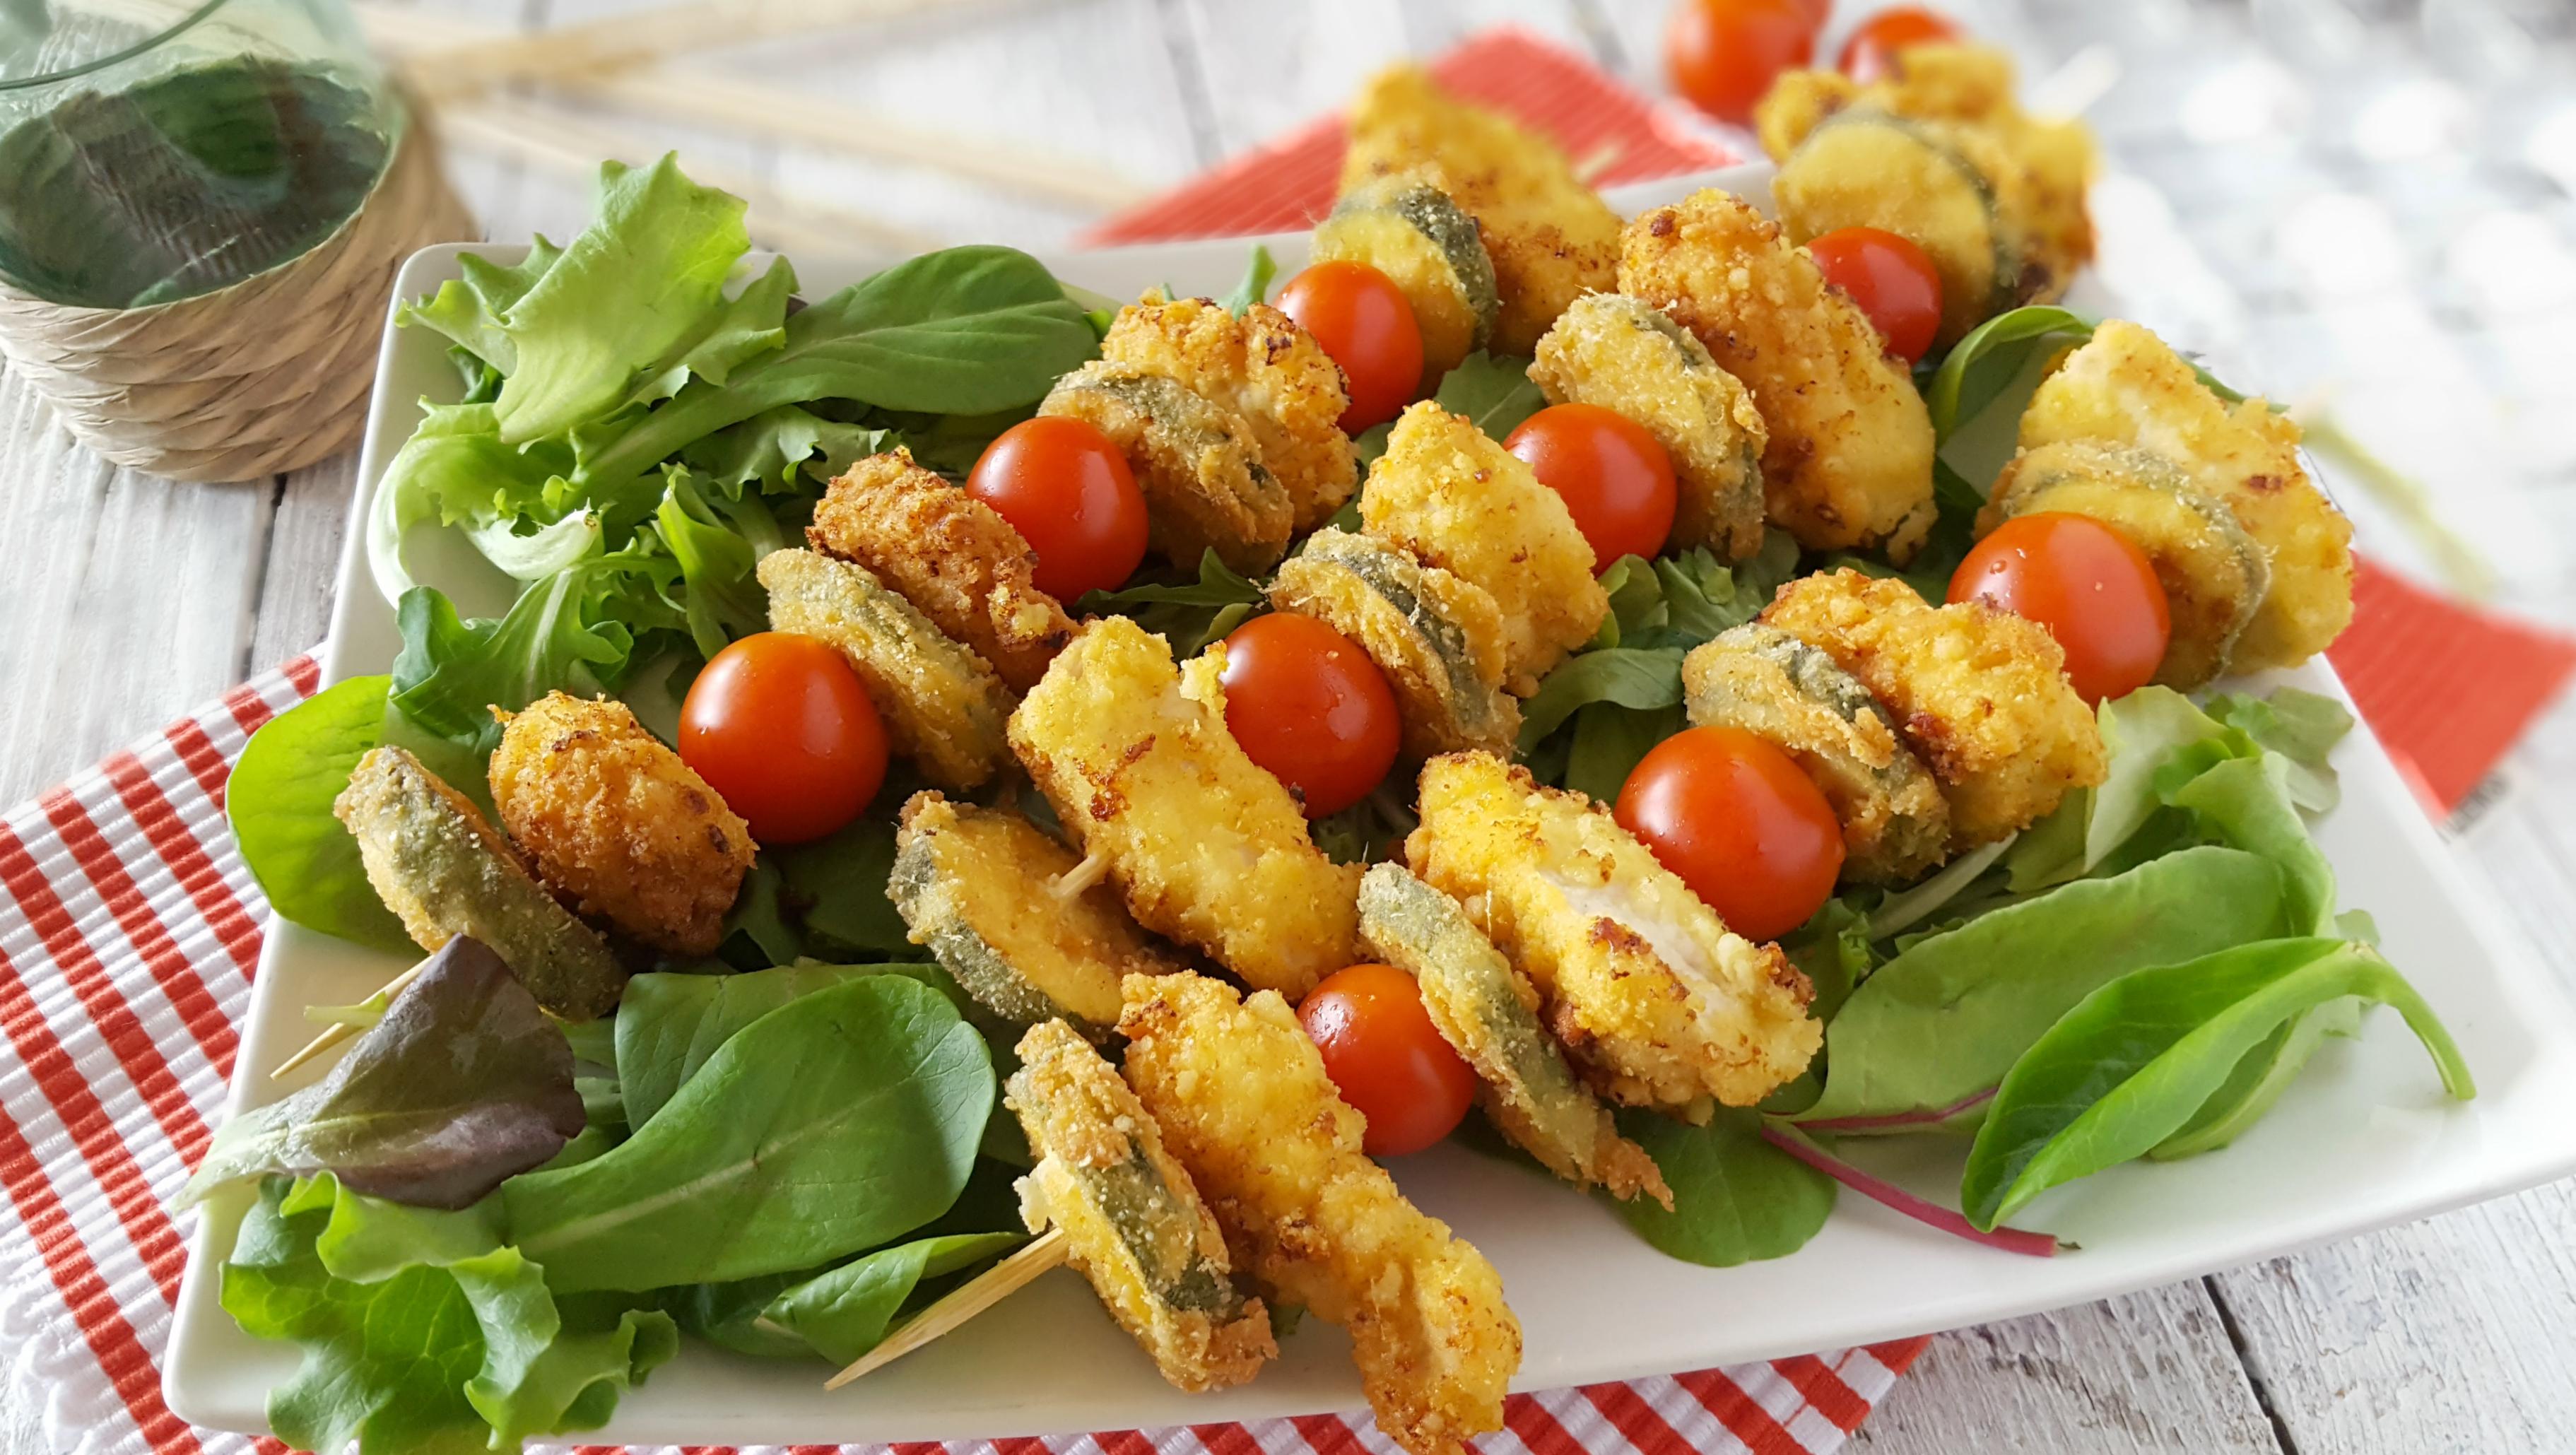 Spiedini croccanti di pollo e verdure gustoso secondo piatto